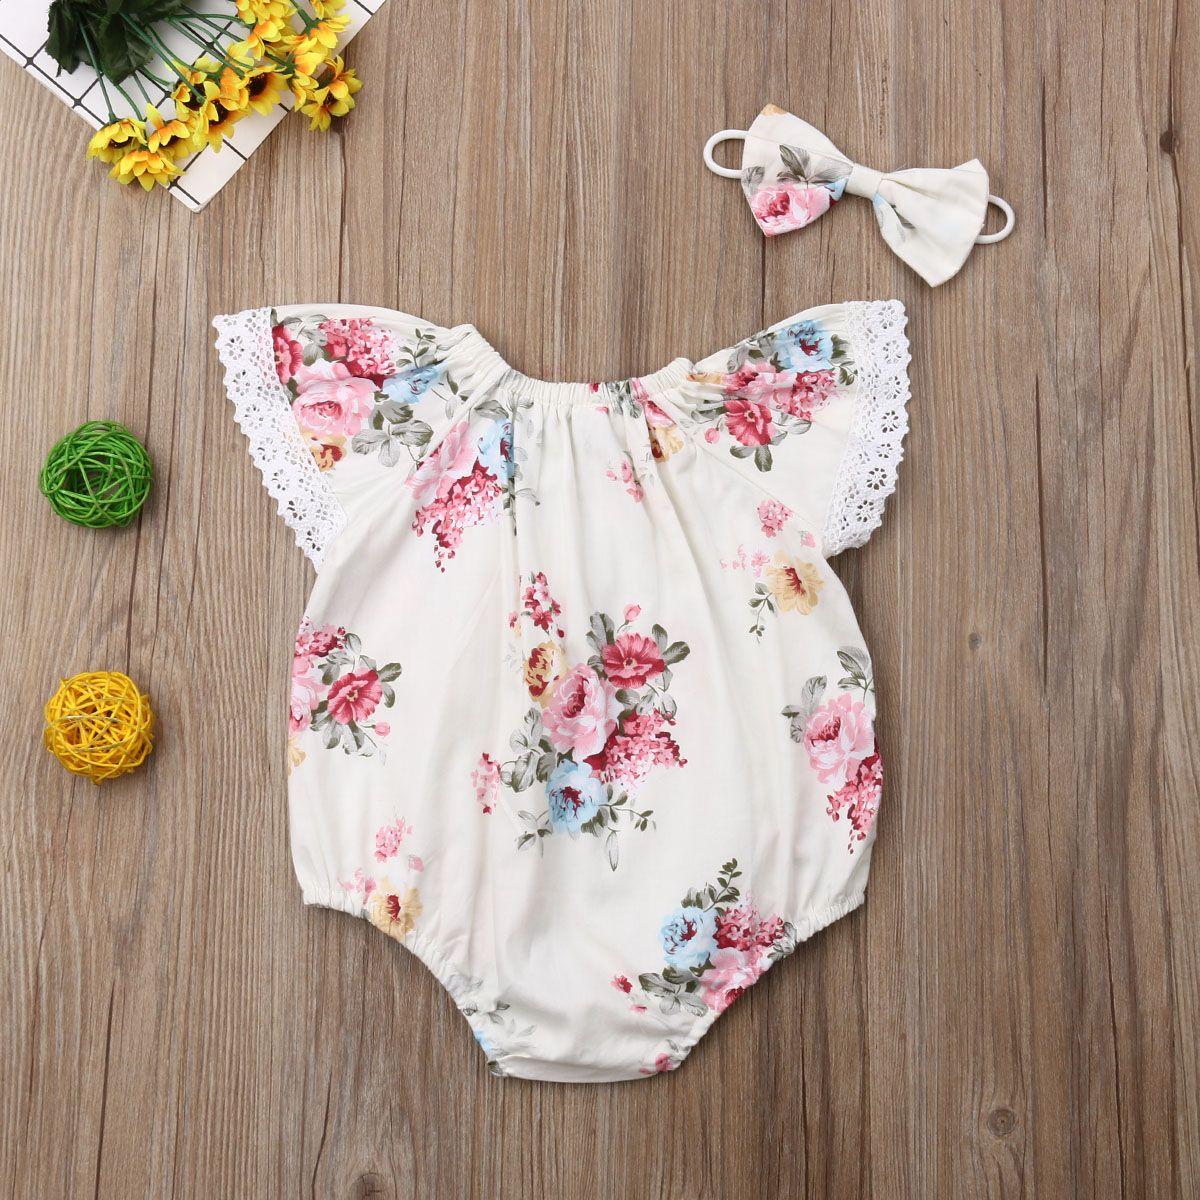 Nouveau-né bébé Filles Bodys Tenues Princesse mignon Floral Tenues Vêtements Bandeau Ensembles pour bébé Petit bébé Costumes